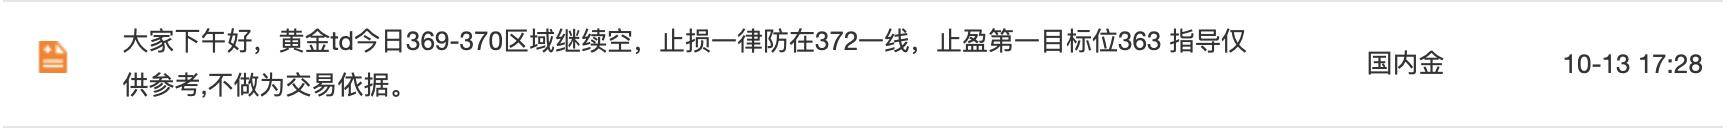 黄金td369空366收.png